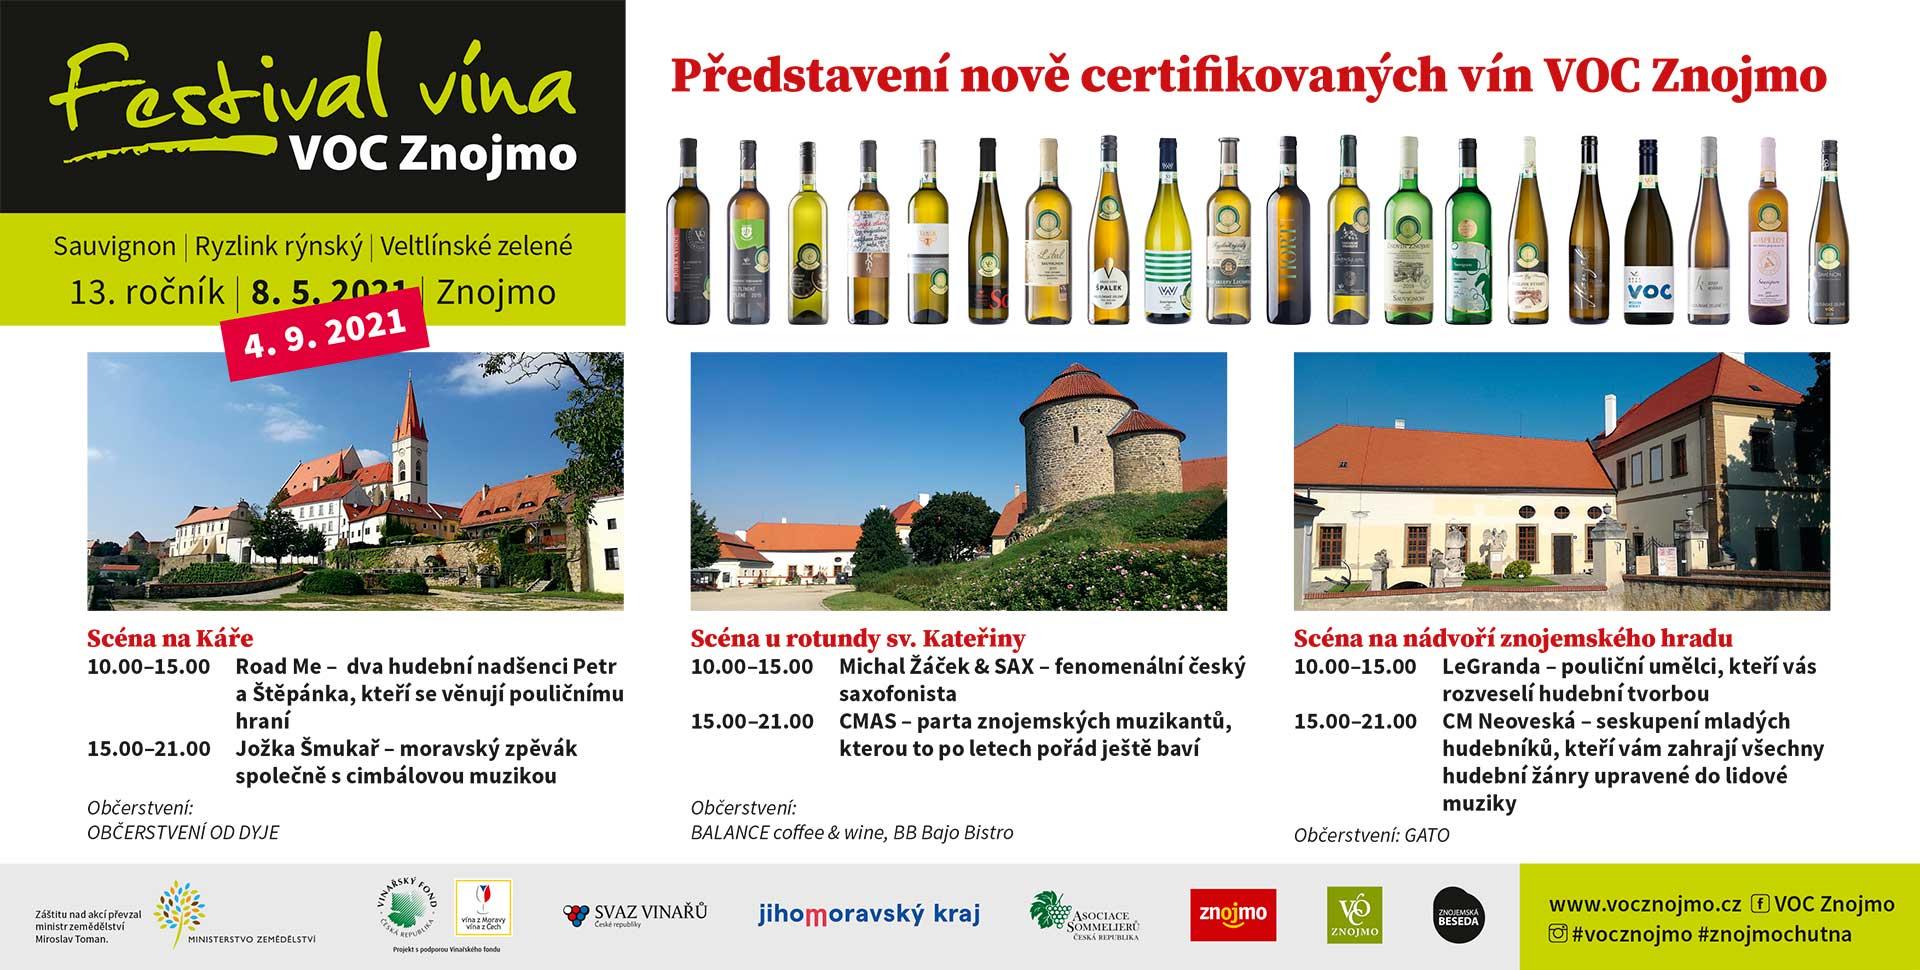 Aktualita: Festival vína VOC Znojmo už za měsíc